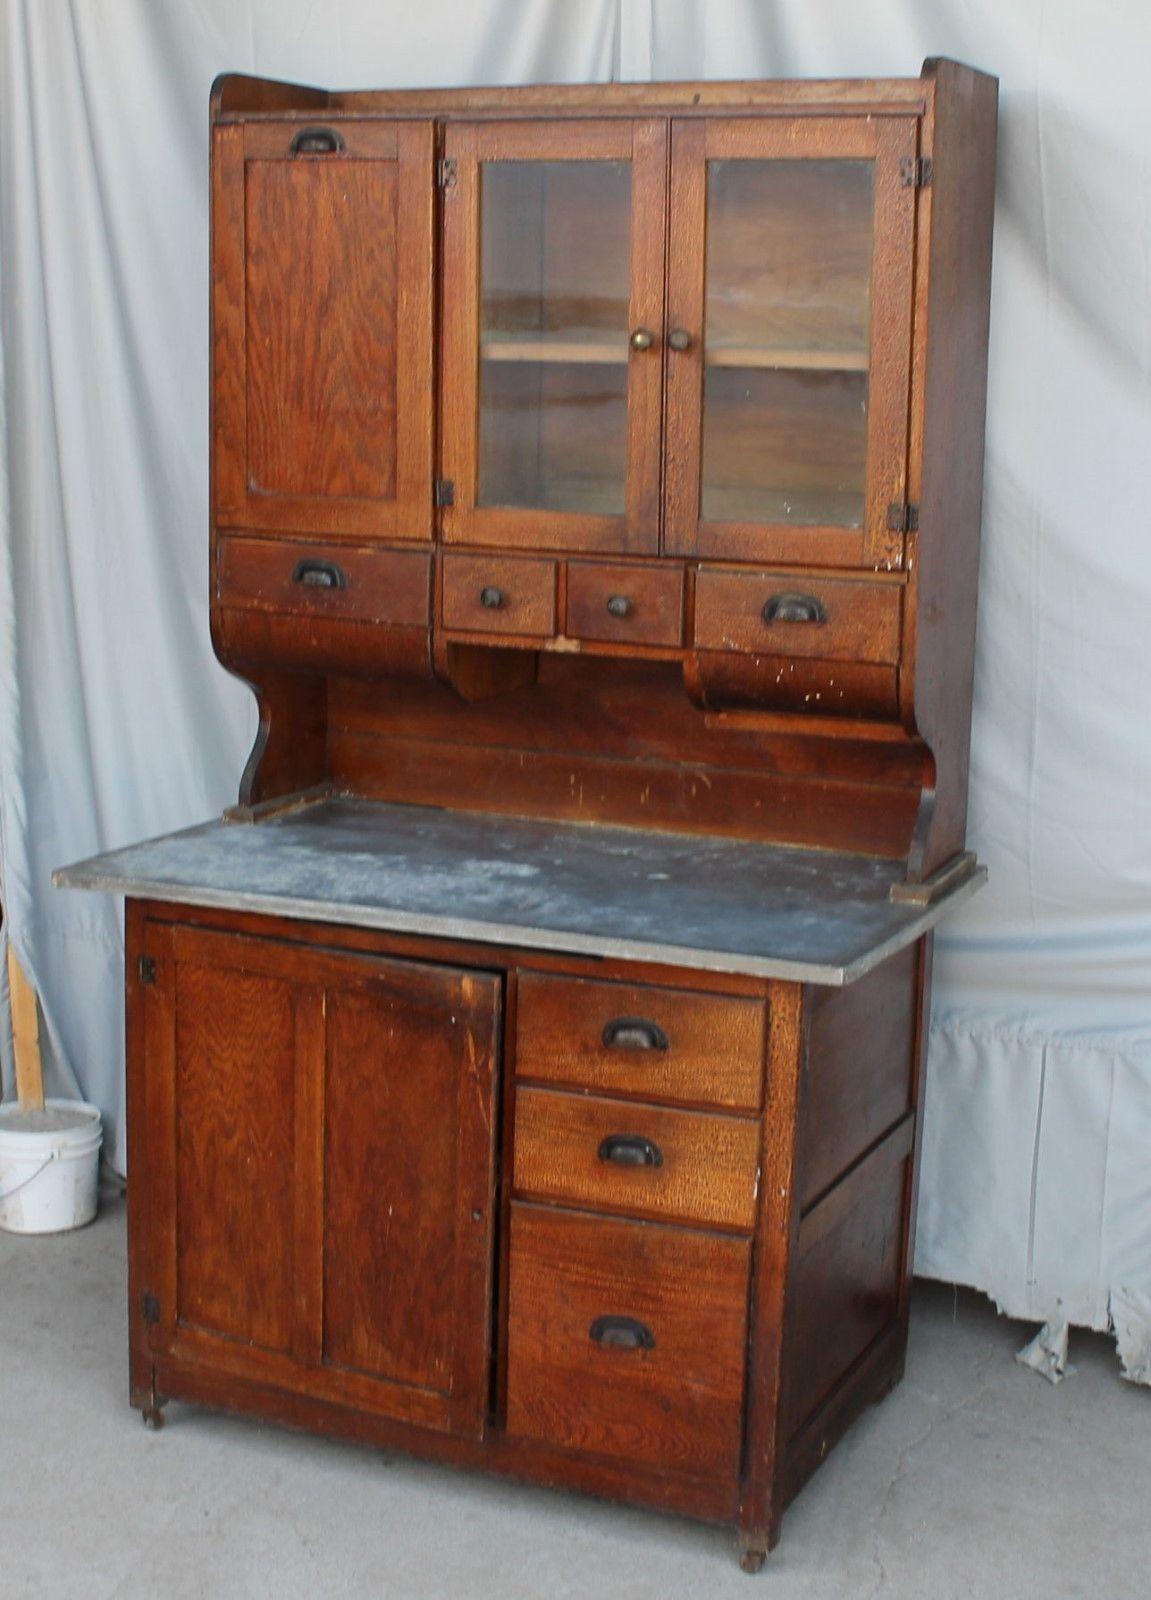 Best Kitchen Gallery: Antique Oak Kitchen Cabi Wilson Pany Early Kitchen Cabi of Wilson Antique Kitchen Cabinet on rachelxblog.com